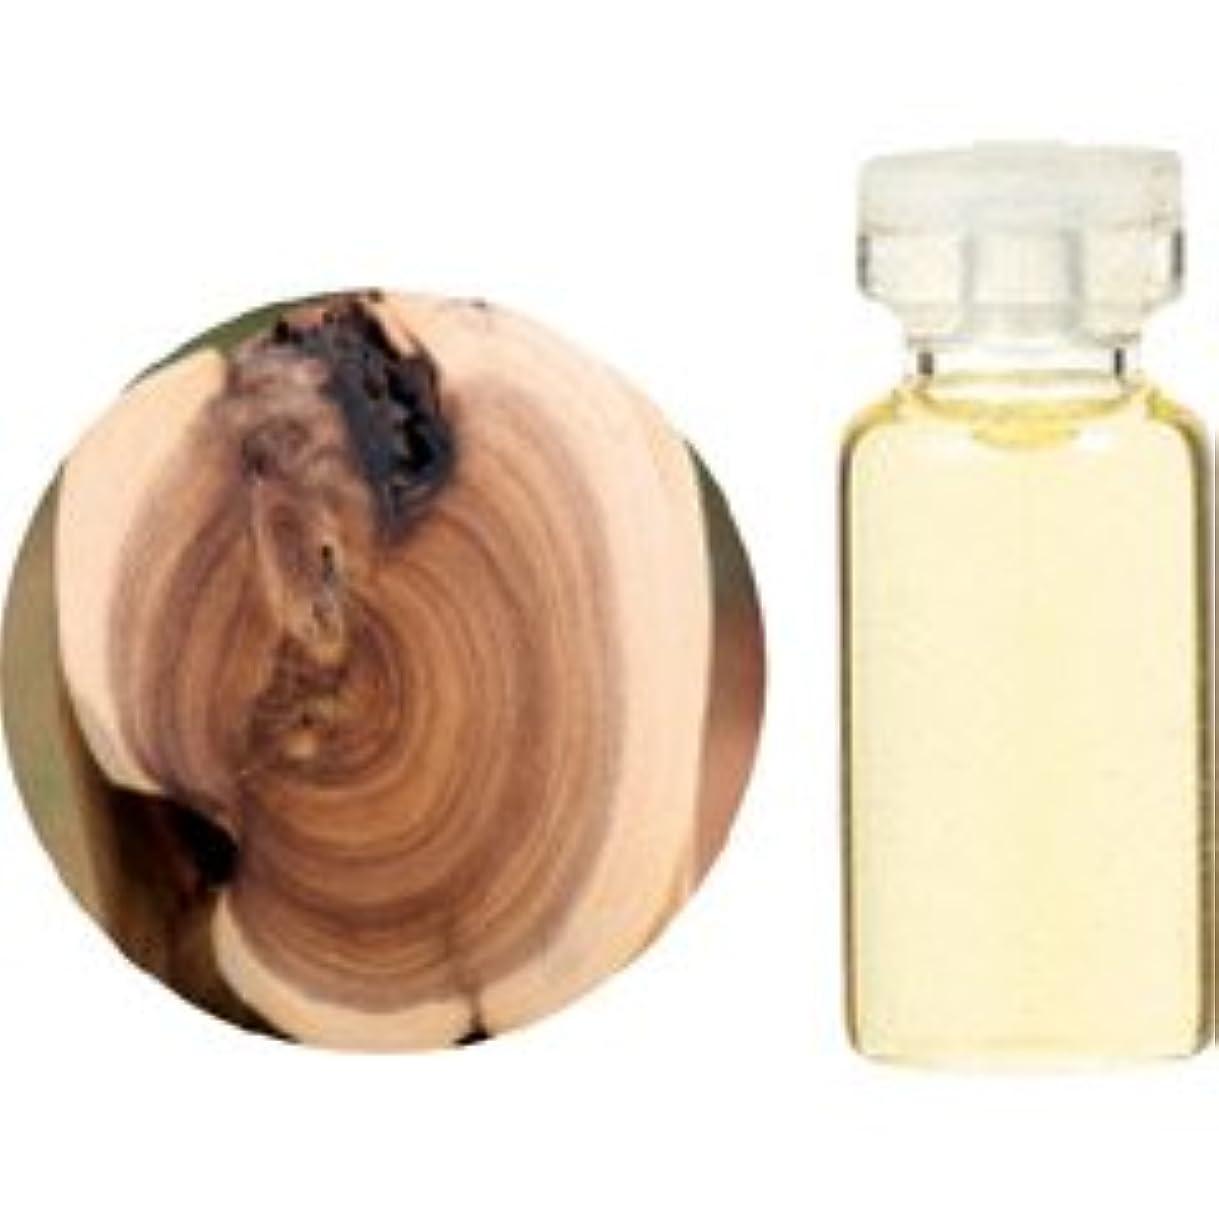 に対して急降下配る【生活の木】エッセンシャルオイル(精油) サンダルウッド?オーストラリア 3ml